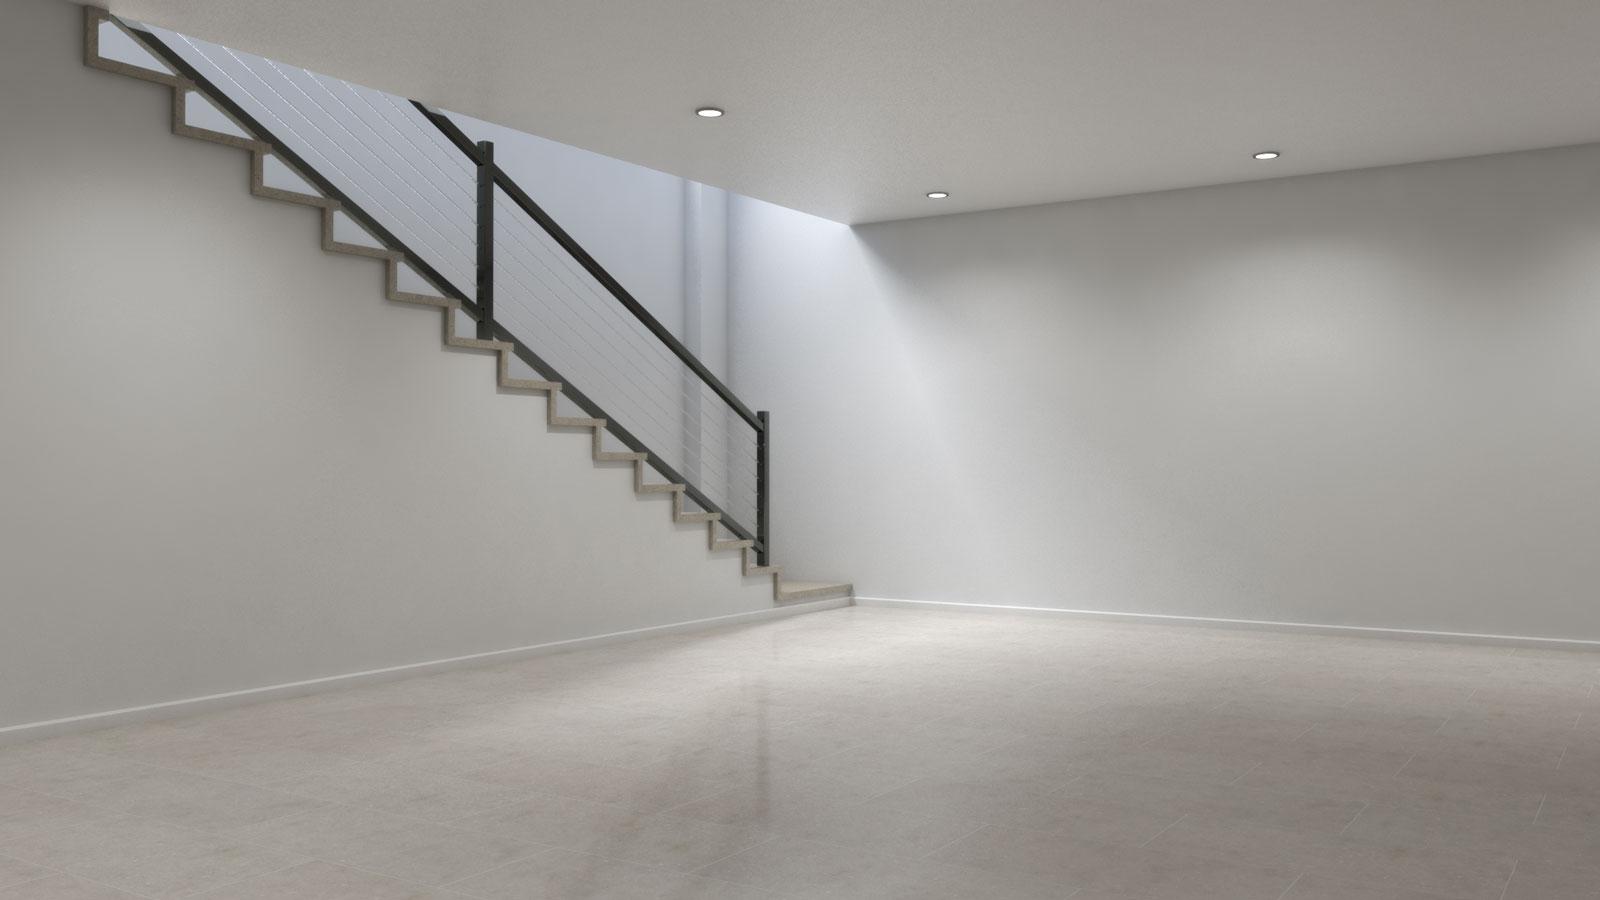 Basement using cream marble tile floors